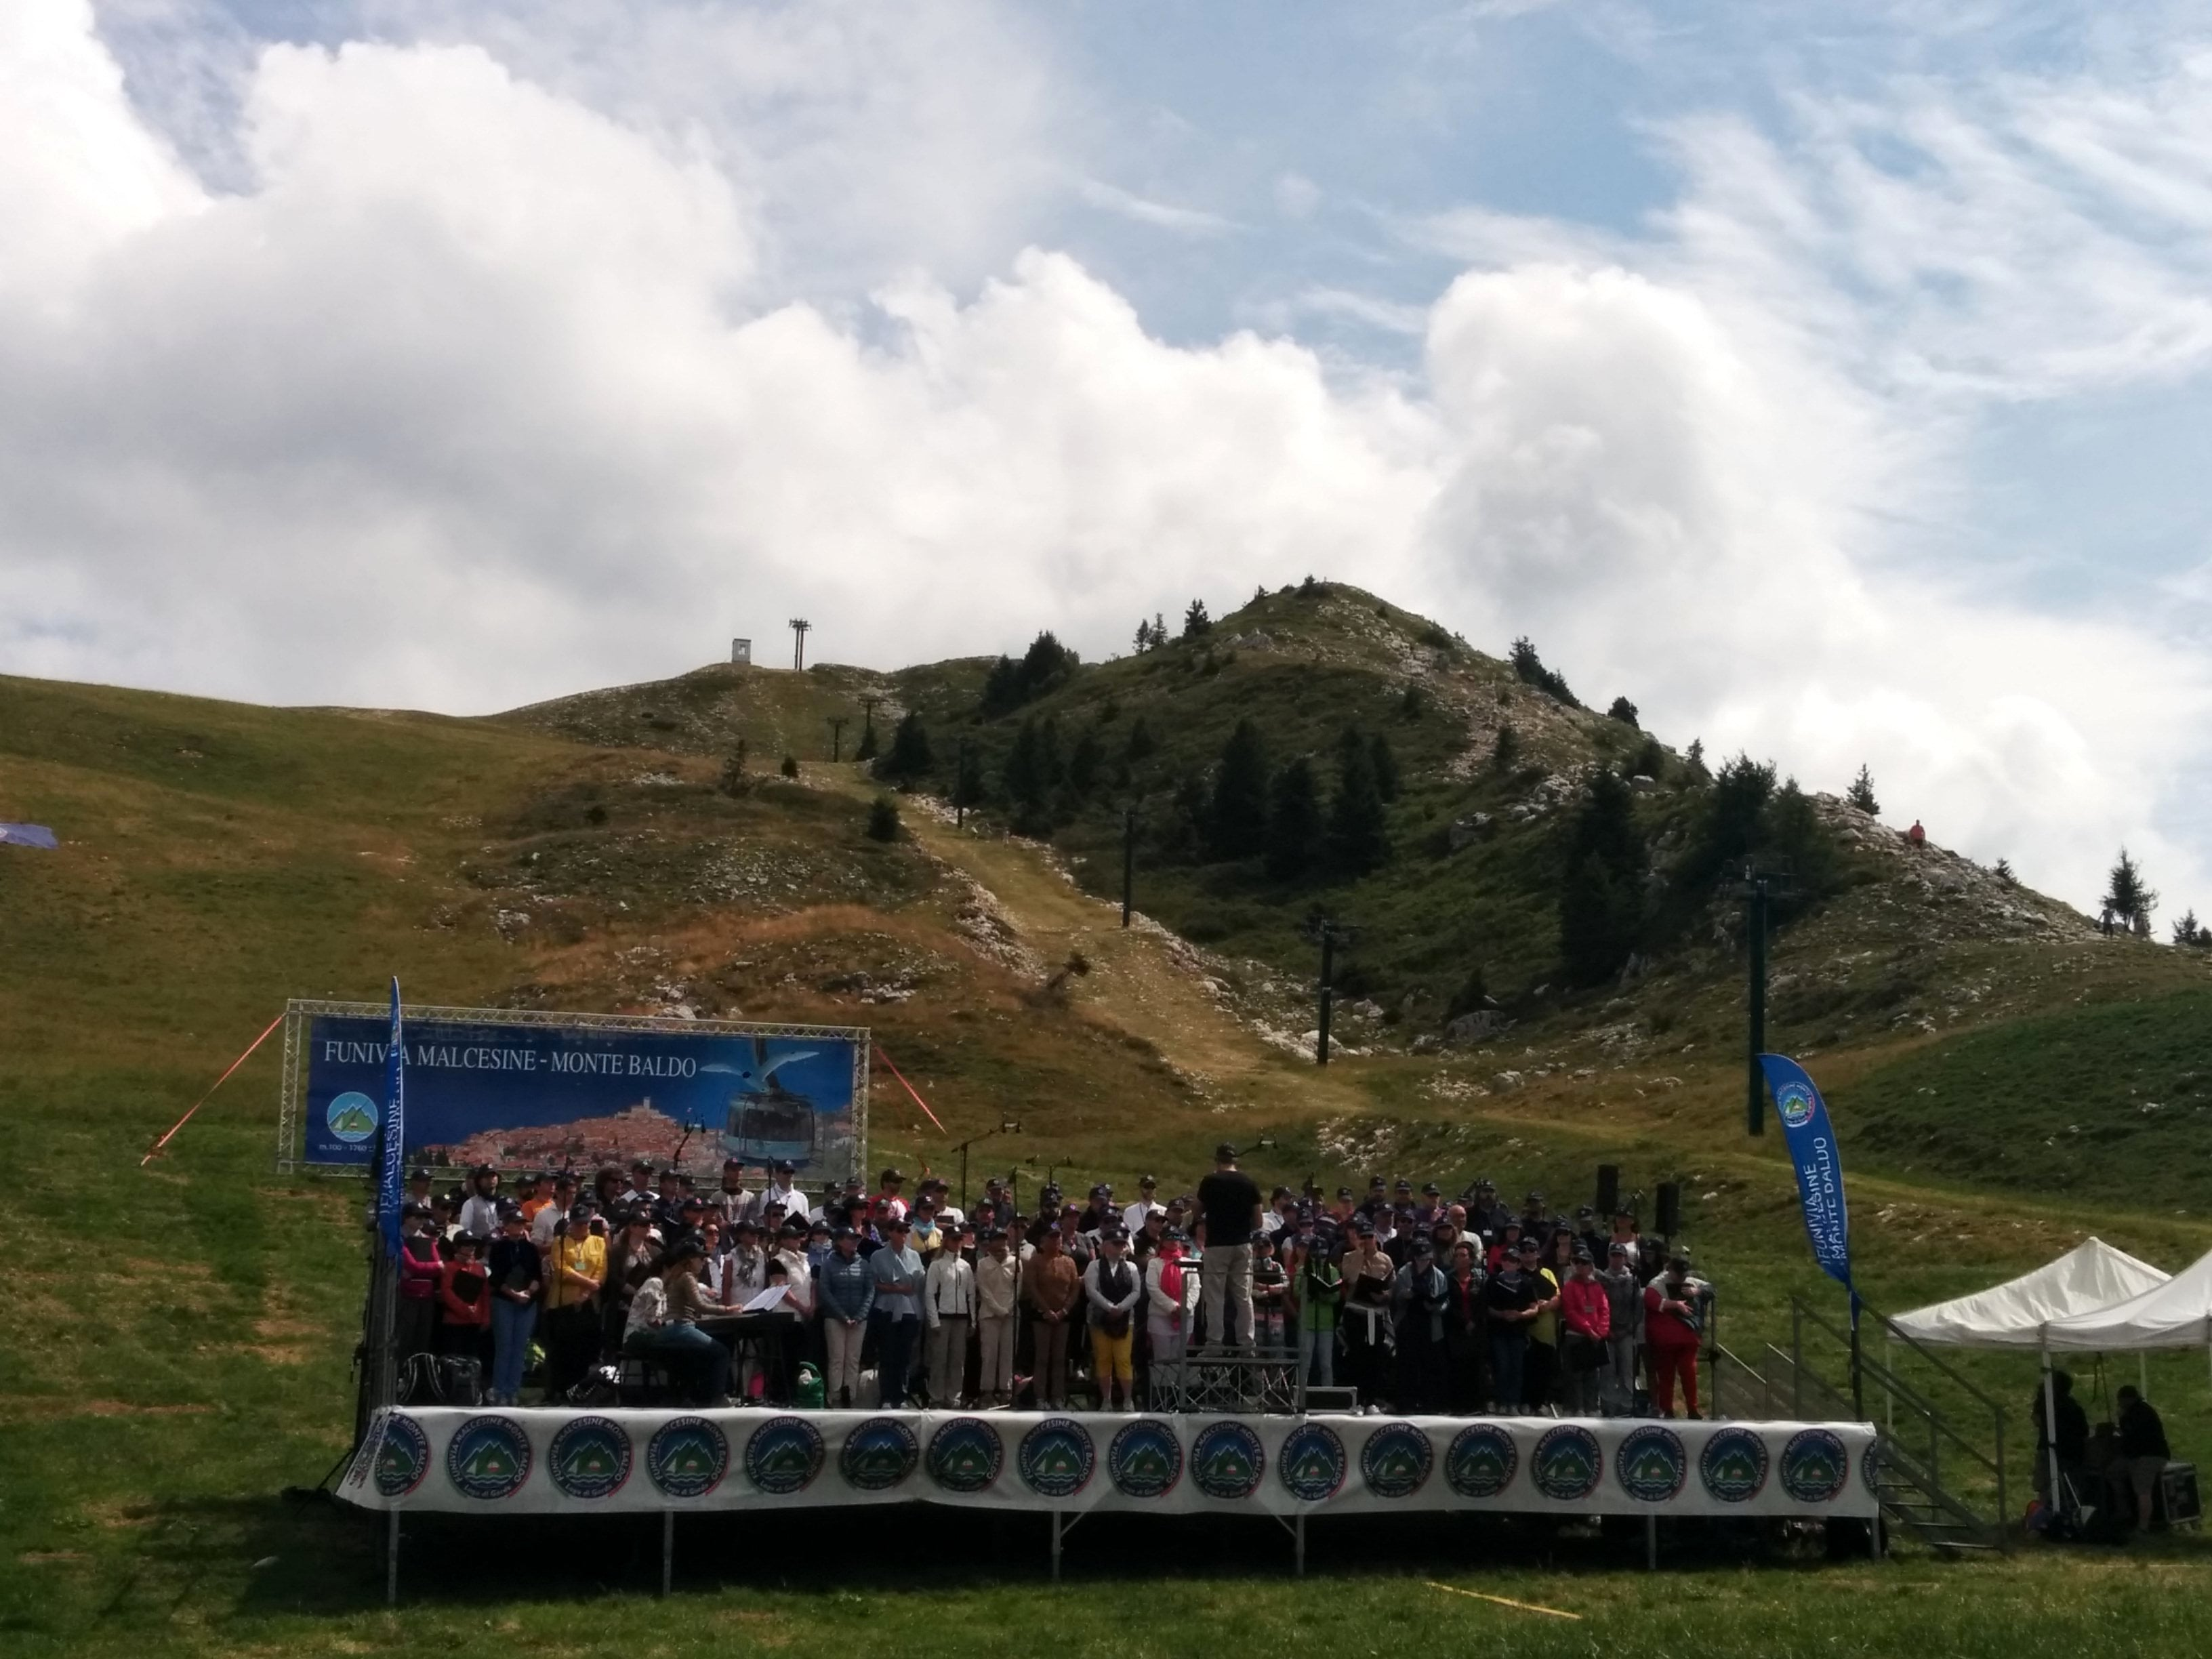 Con l'Arena sul Monte Baldo_2015-2